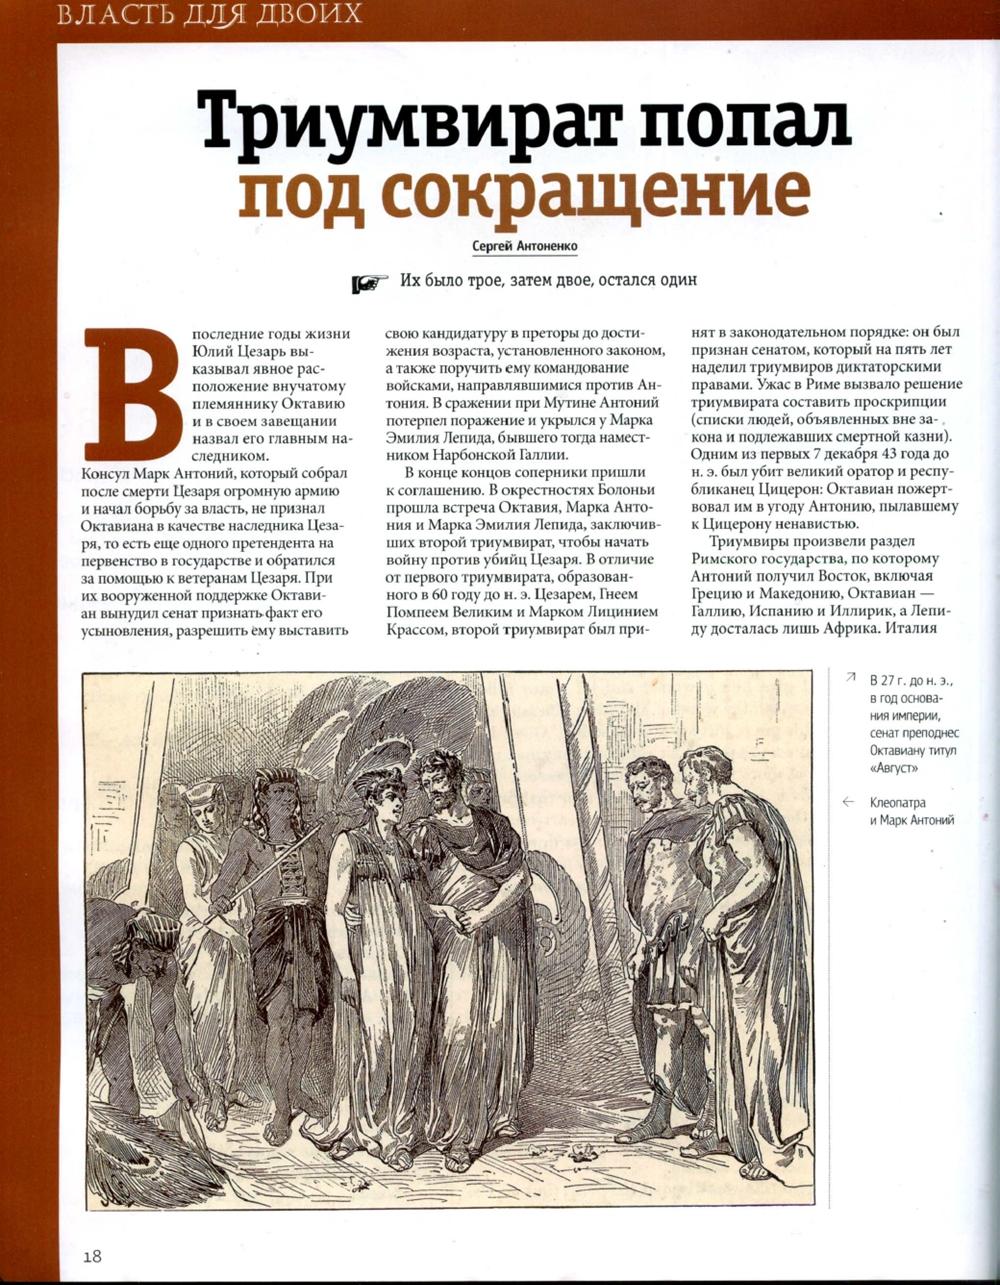 http://images.vfl.ru/ii/1404417285/5aa5d3d0/5616279.jpg